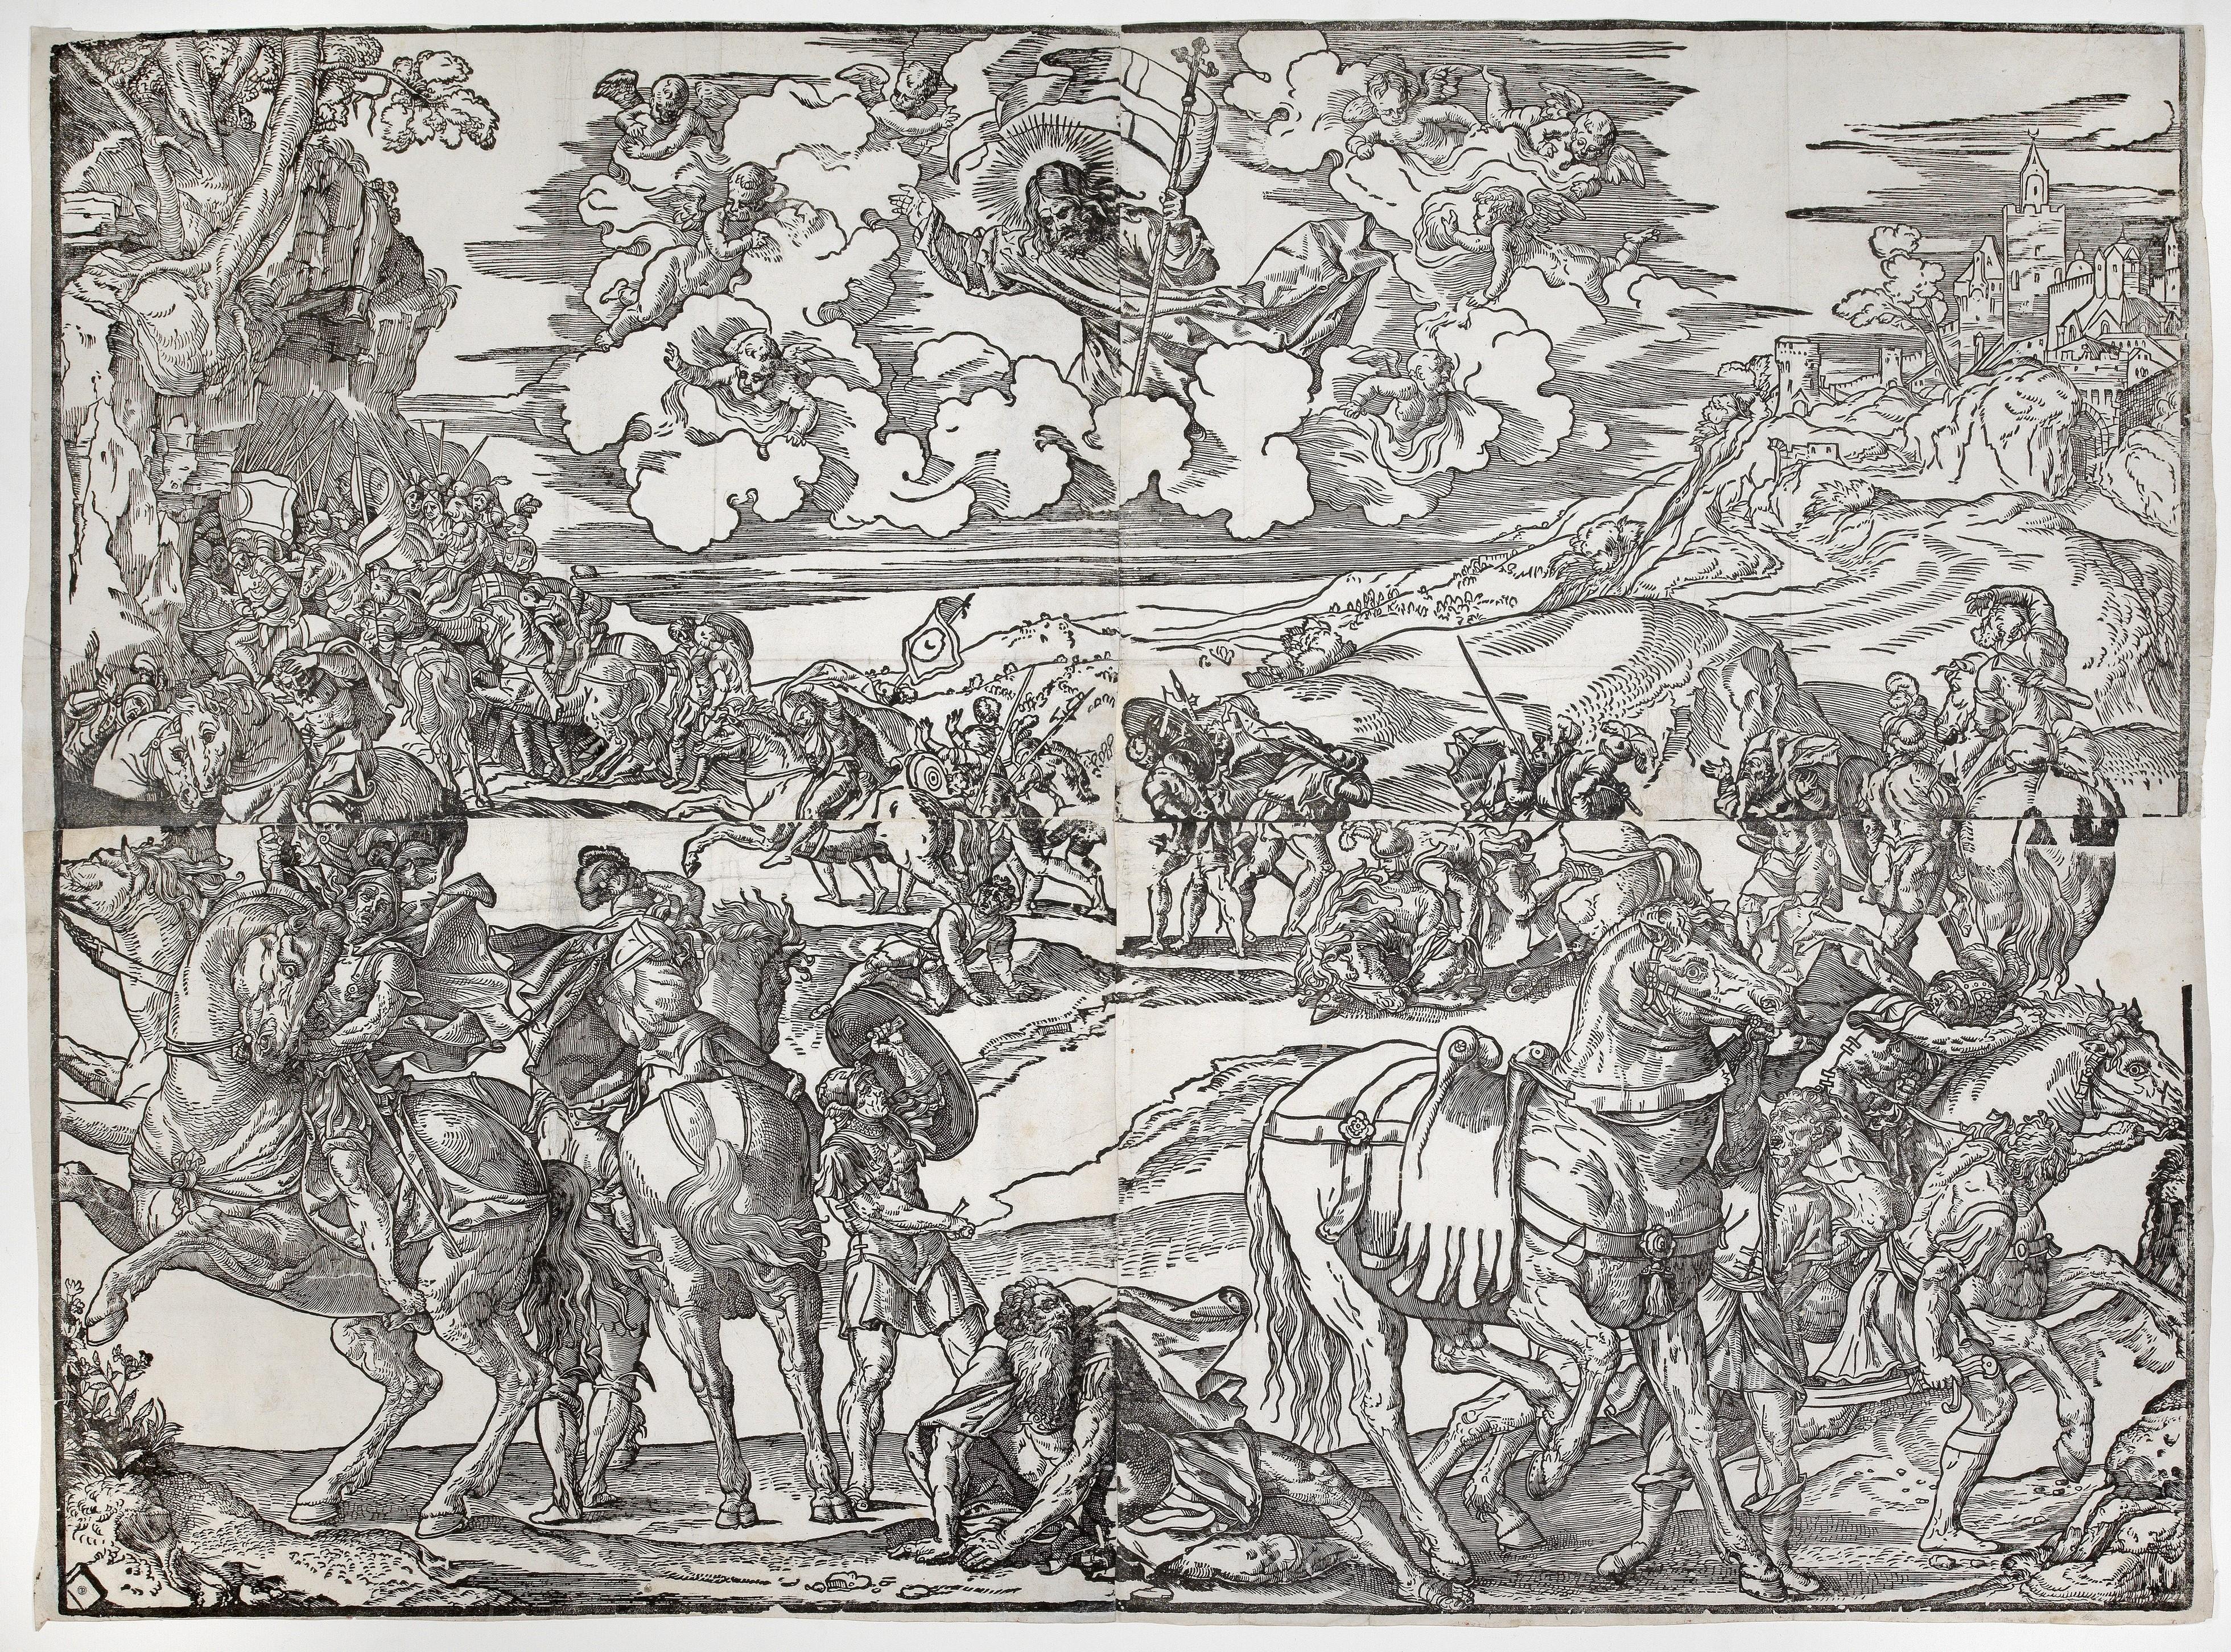 Monogrammist LA (Lucantonio degli Uberti?), active c  1489